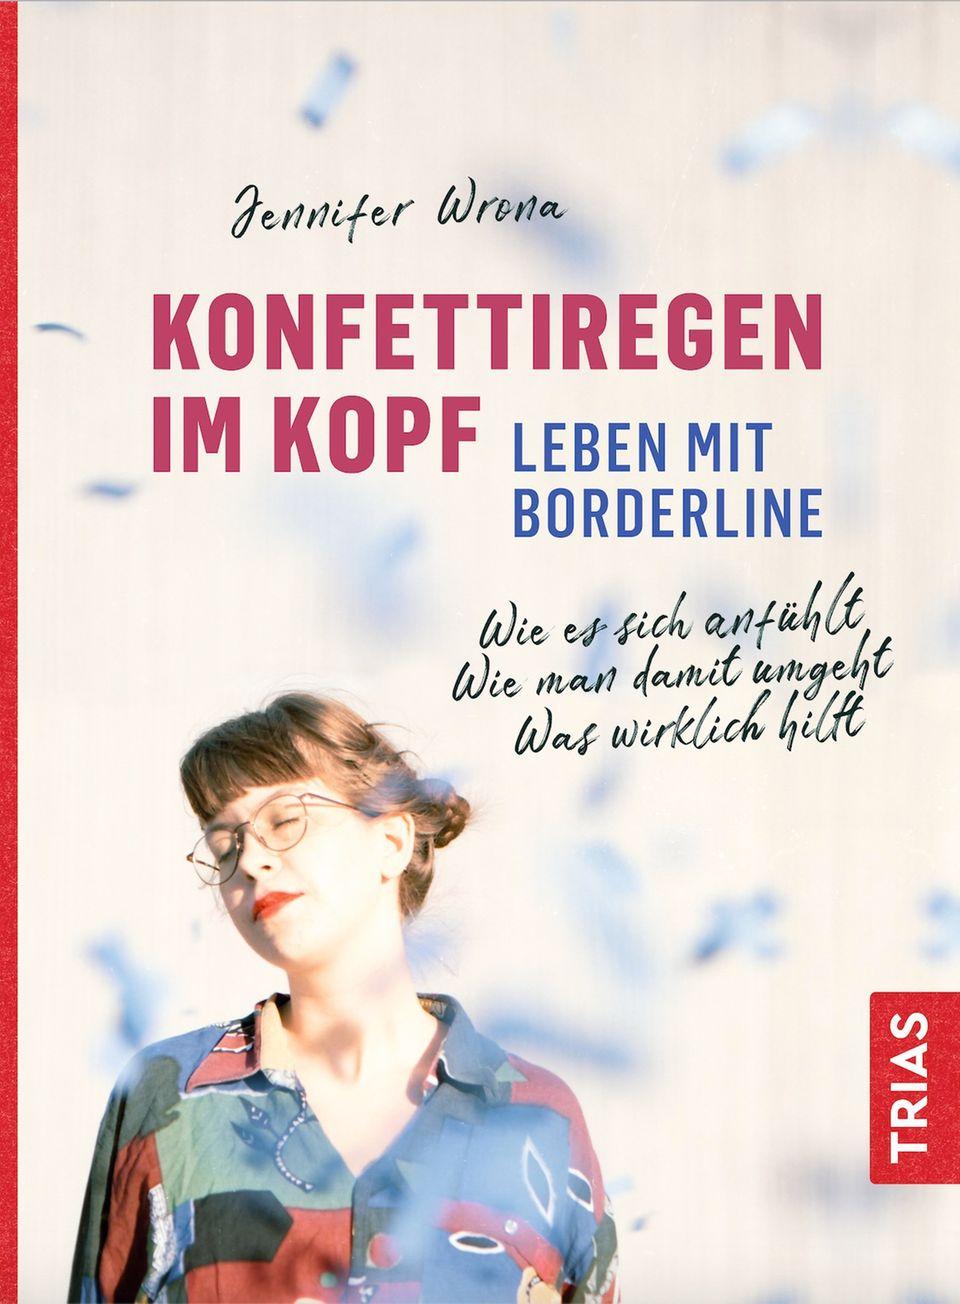 """Jennifer Wronas Buch """"Konfettiregen im Kopf - Leben mit Borderline"""" ist am 10. Februar 2021 im Trias-Verlag erschienen und behandelt ihre persönlichen Erfahrungen mit der Erkrankung."""